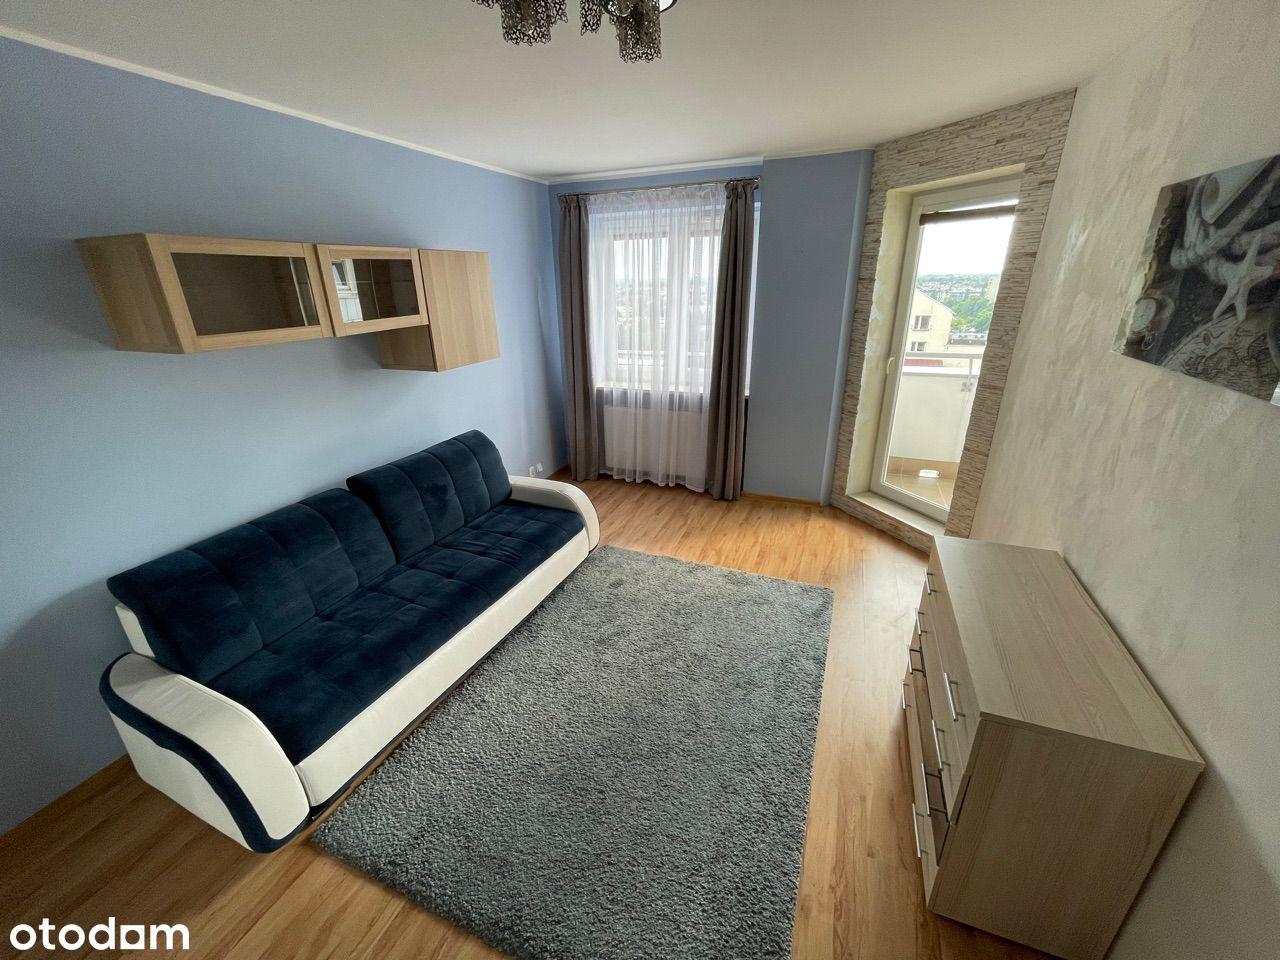 SPRZEDAM MIESZKANIE 2 pokoje - 45,88 m2 - Ursynów